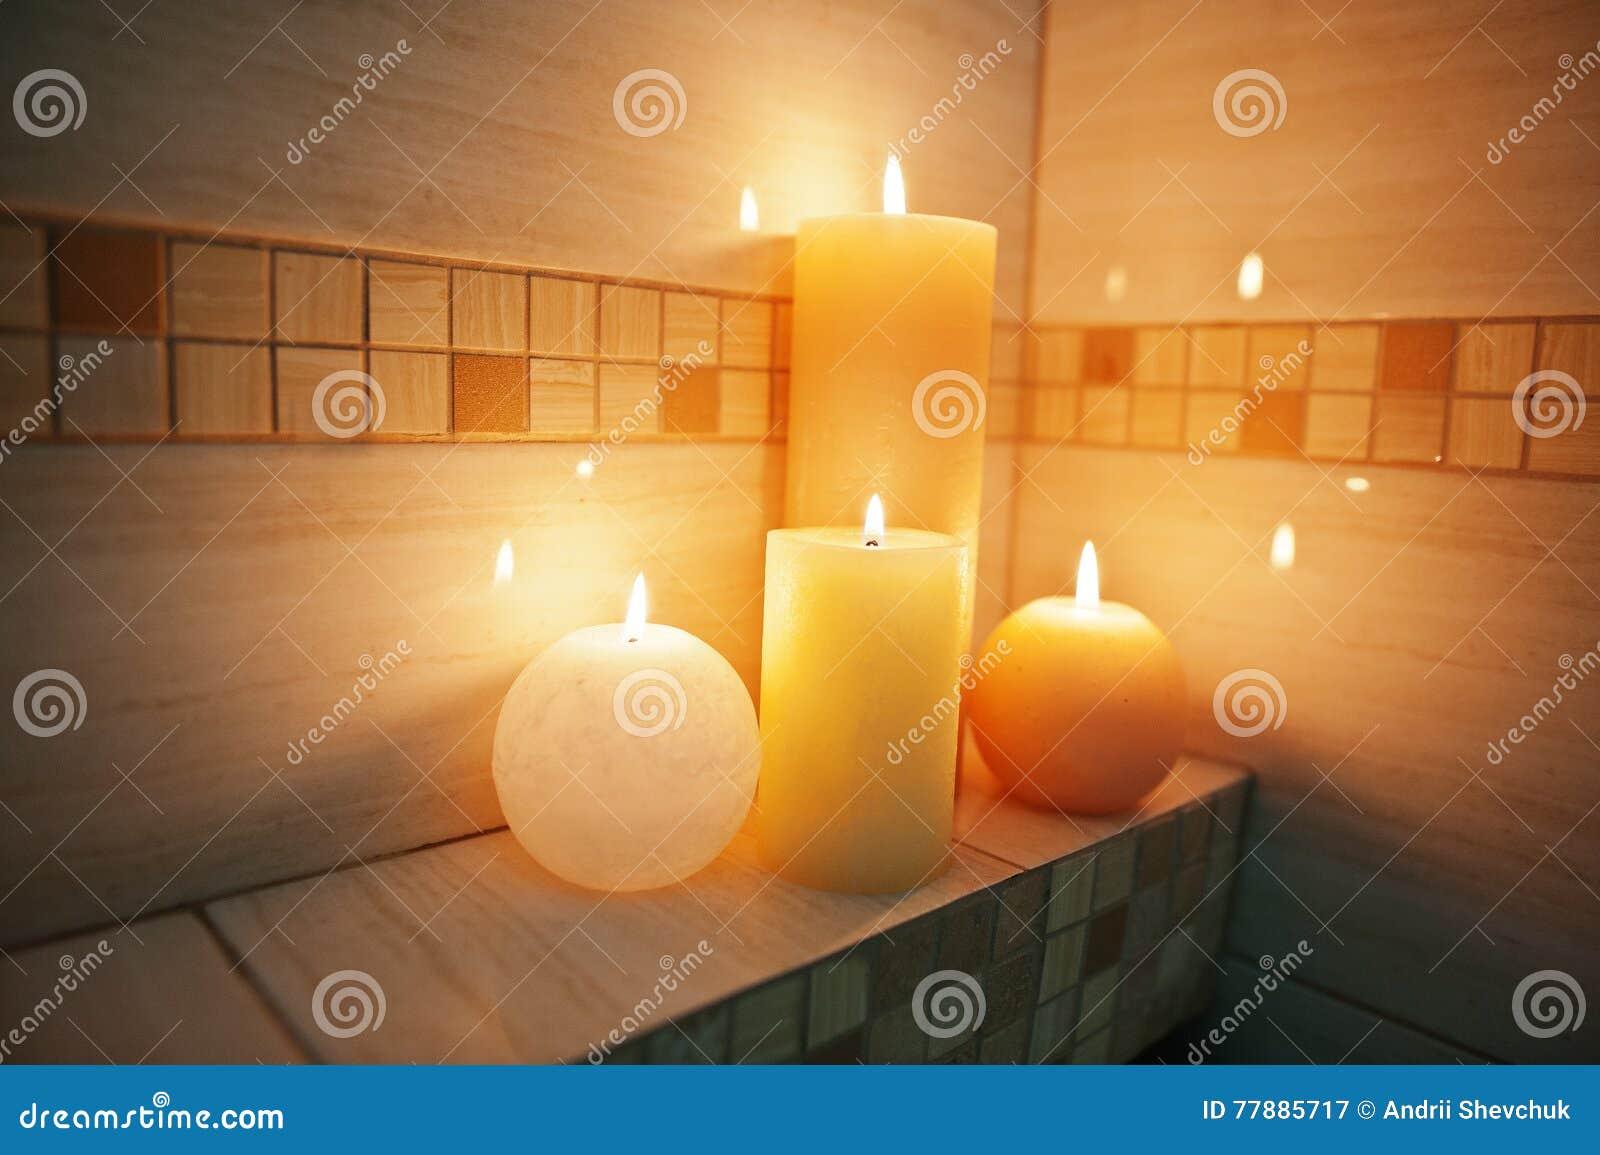 Bagno Romantico In Due candele brucianti in bagno romantico per due immagine stock